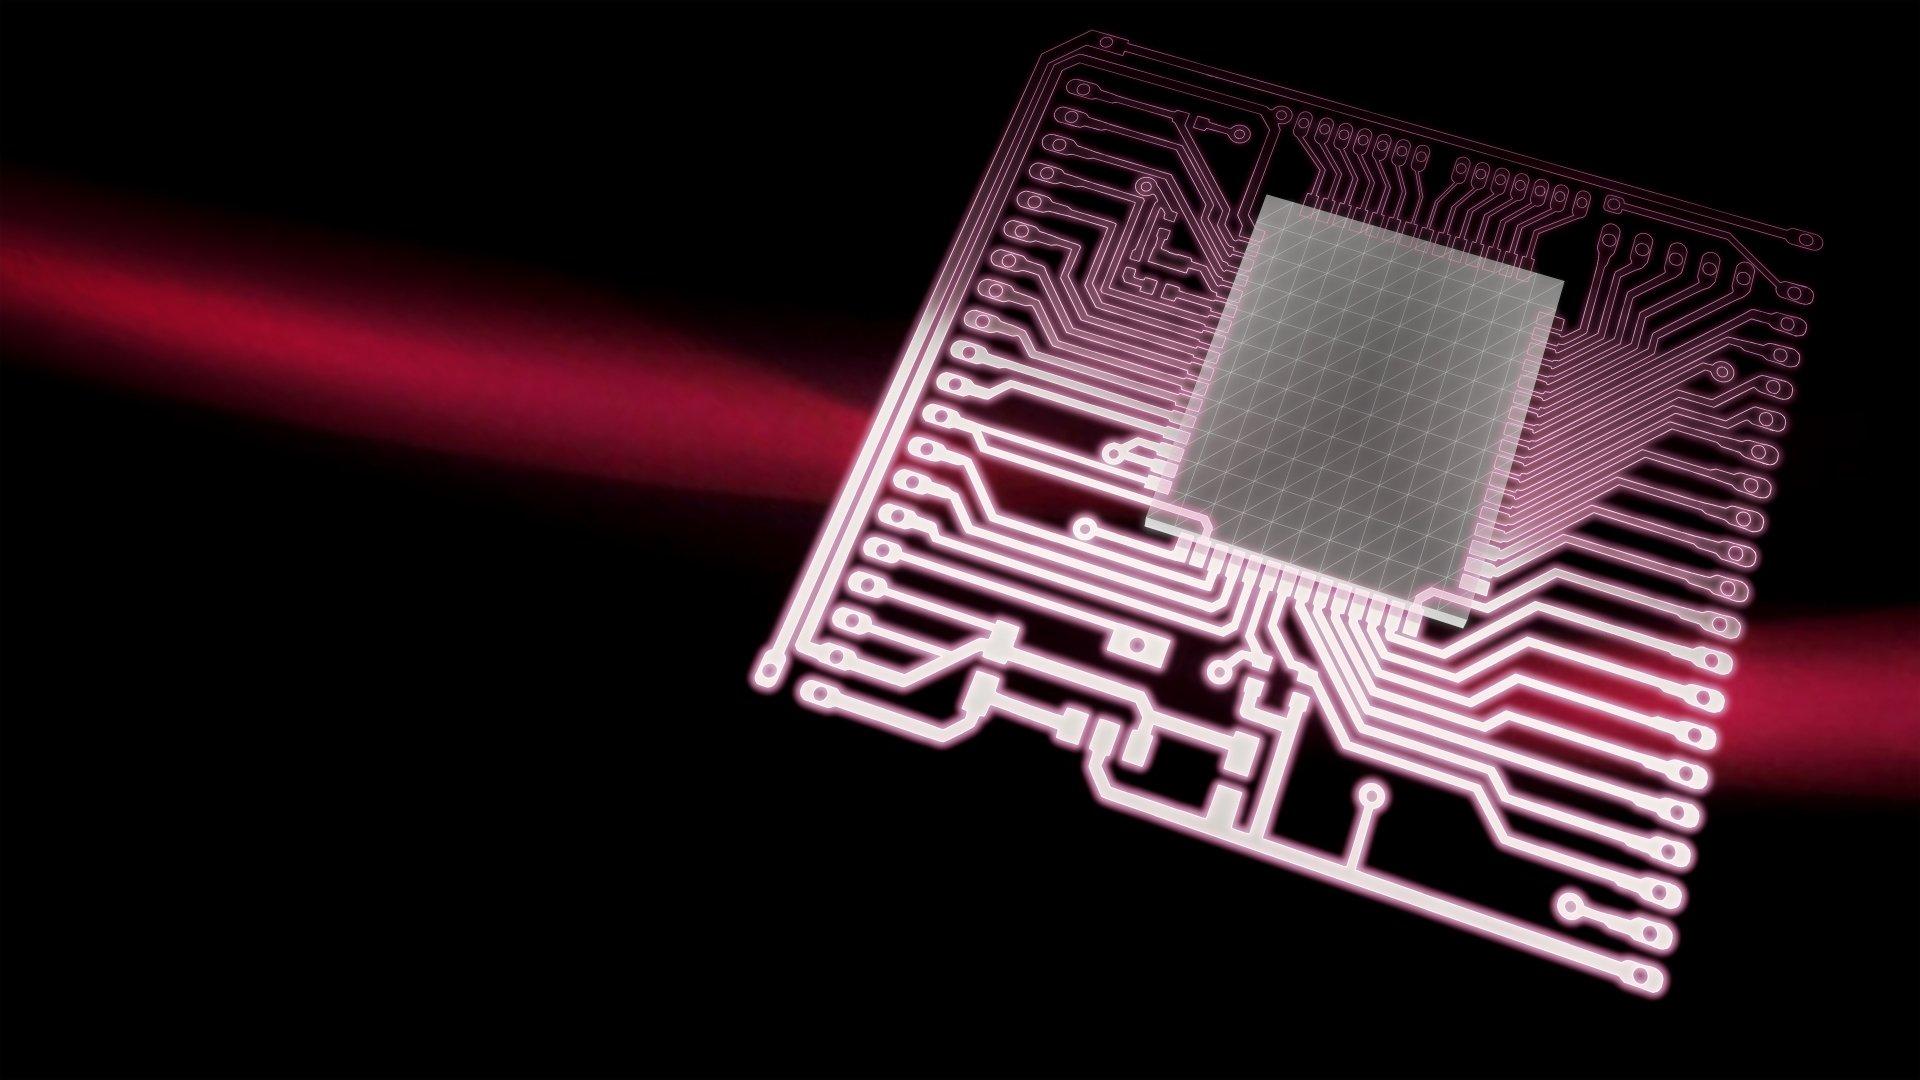 技术 - 电路  Processor 技术 艺术 壁纸